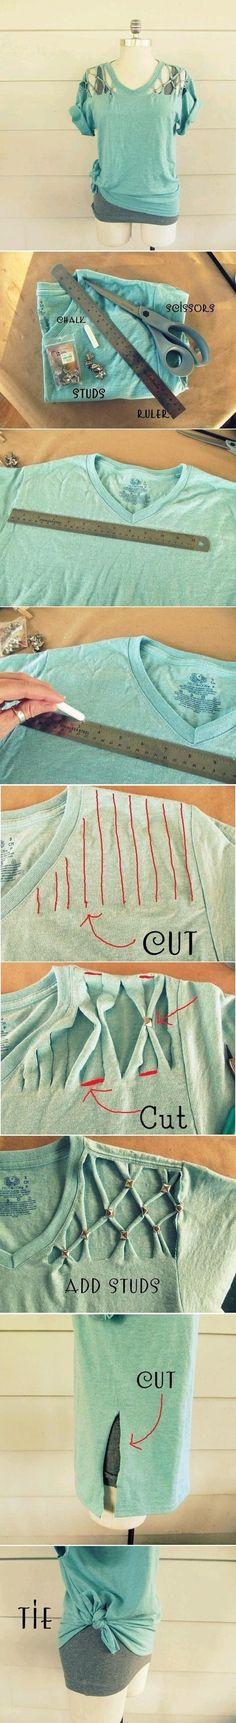 DIY Shirt diy crafts craft ideas easy crafts diy ideas diy crafts diy clothes easy diy fun diy diy shirt craft clothes craft fashion craft shirt fashion diy